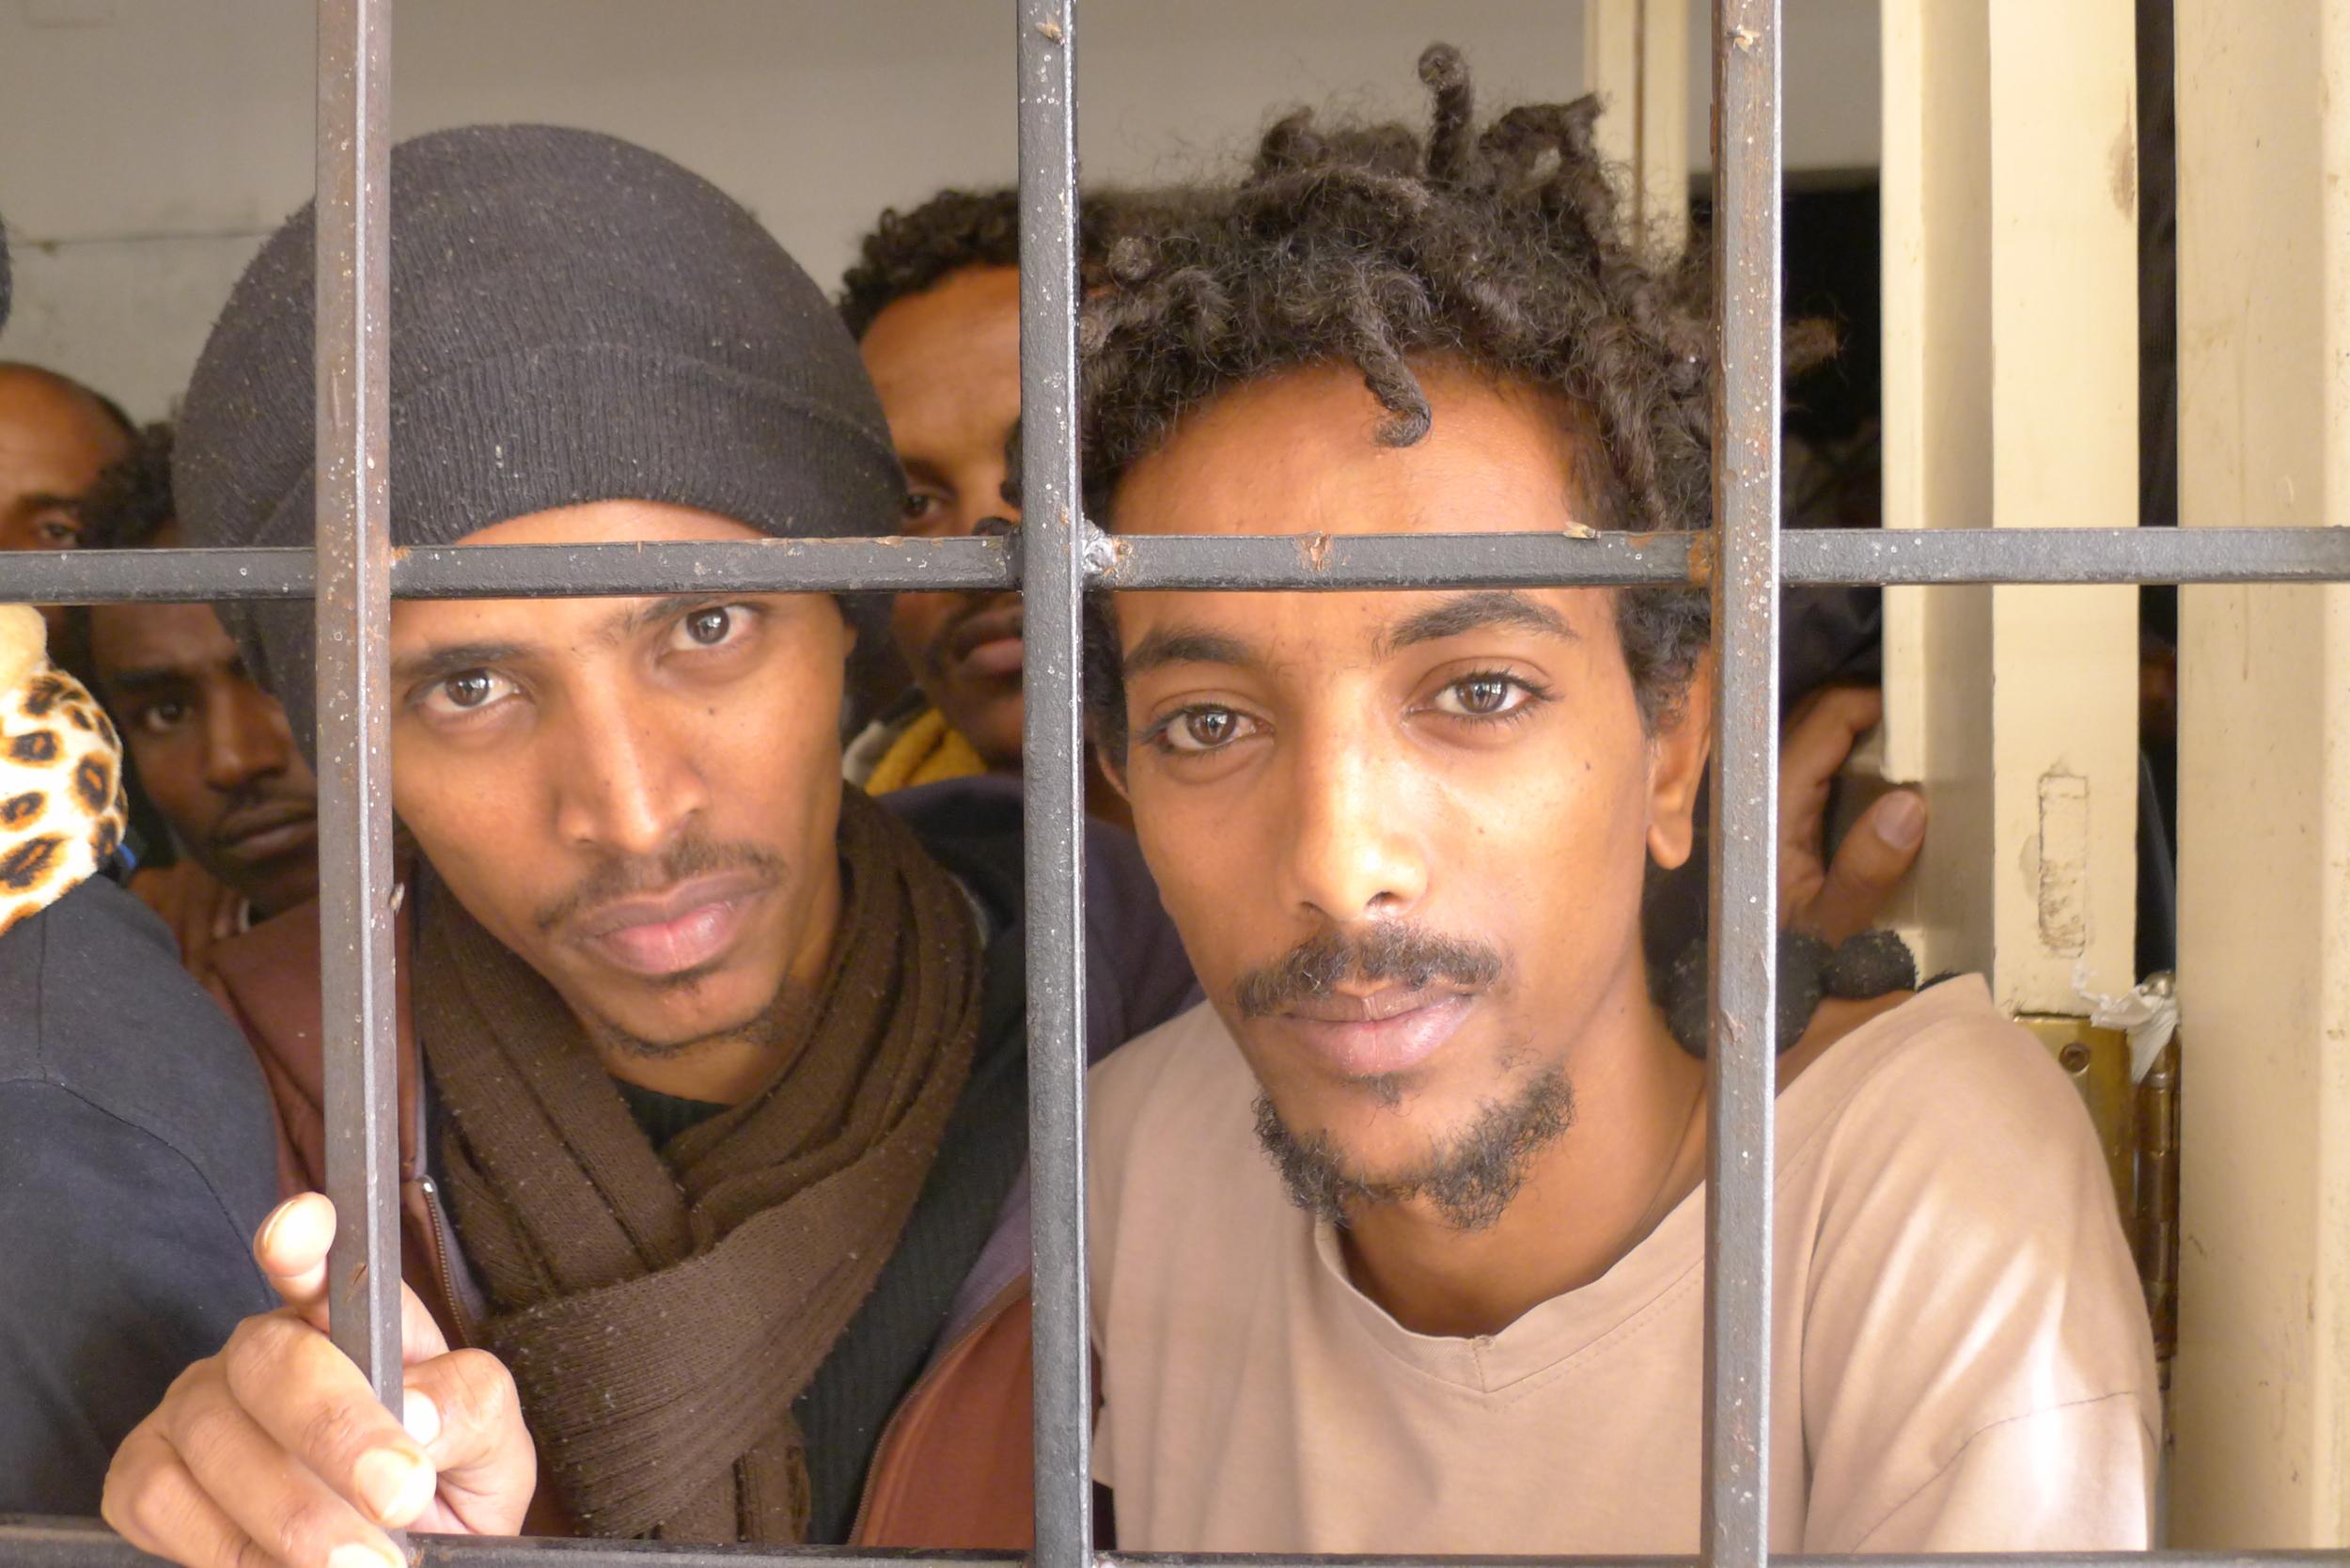 Emanuel and Jonata escaped indefinite military conscription in Eritrea.